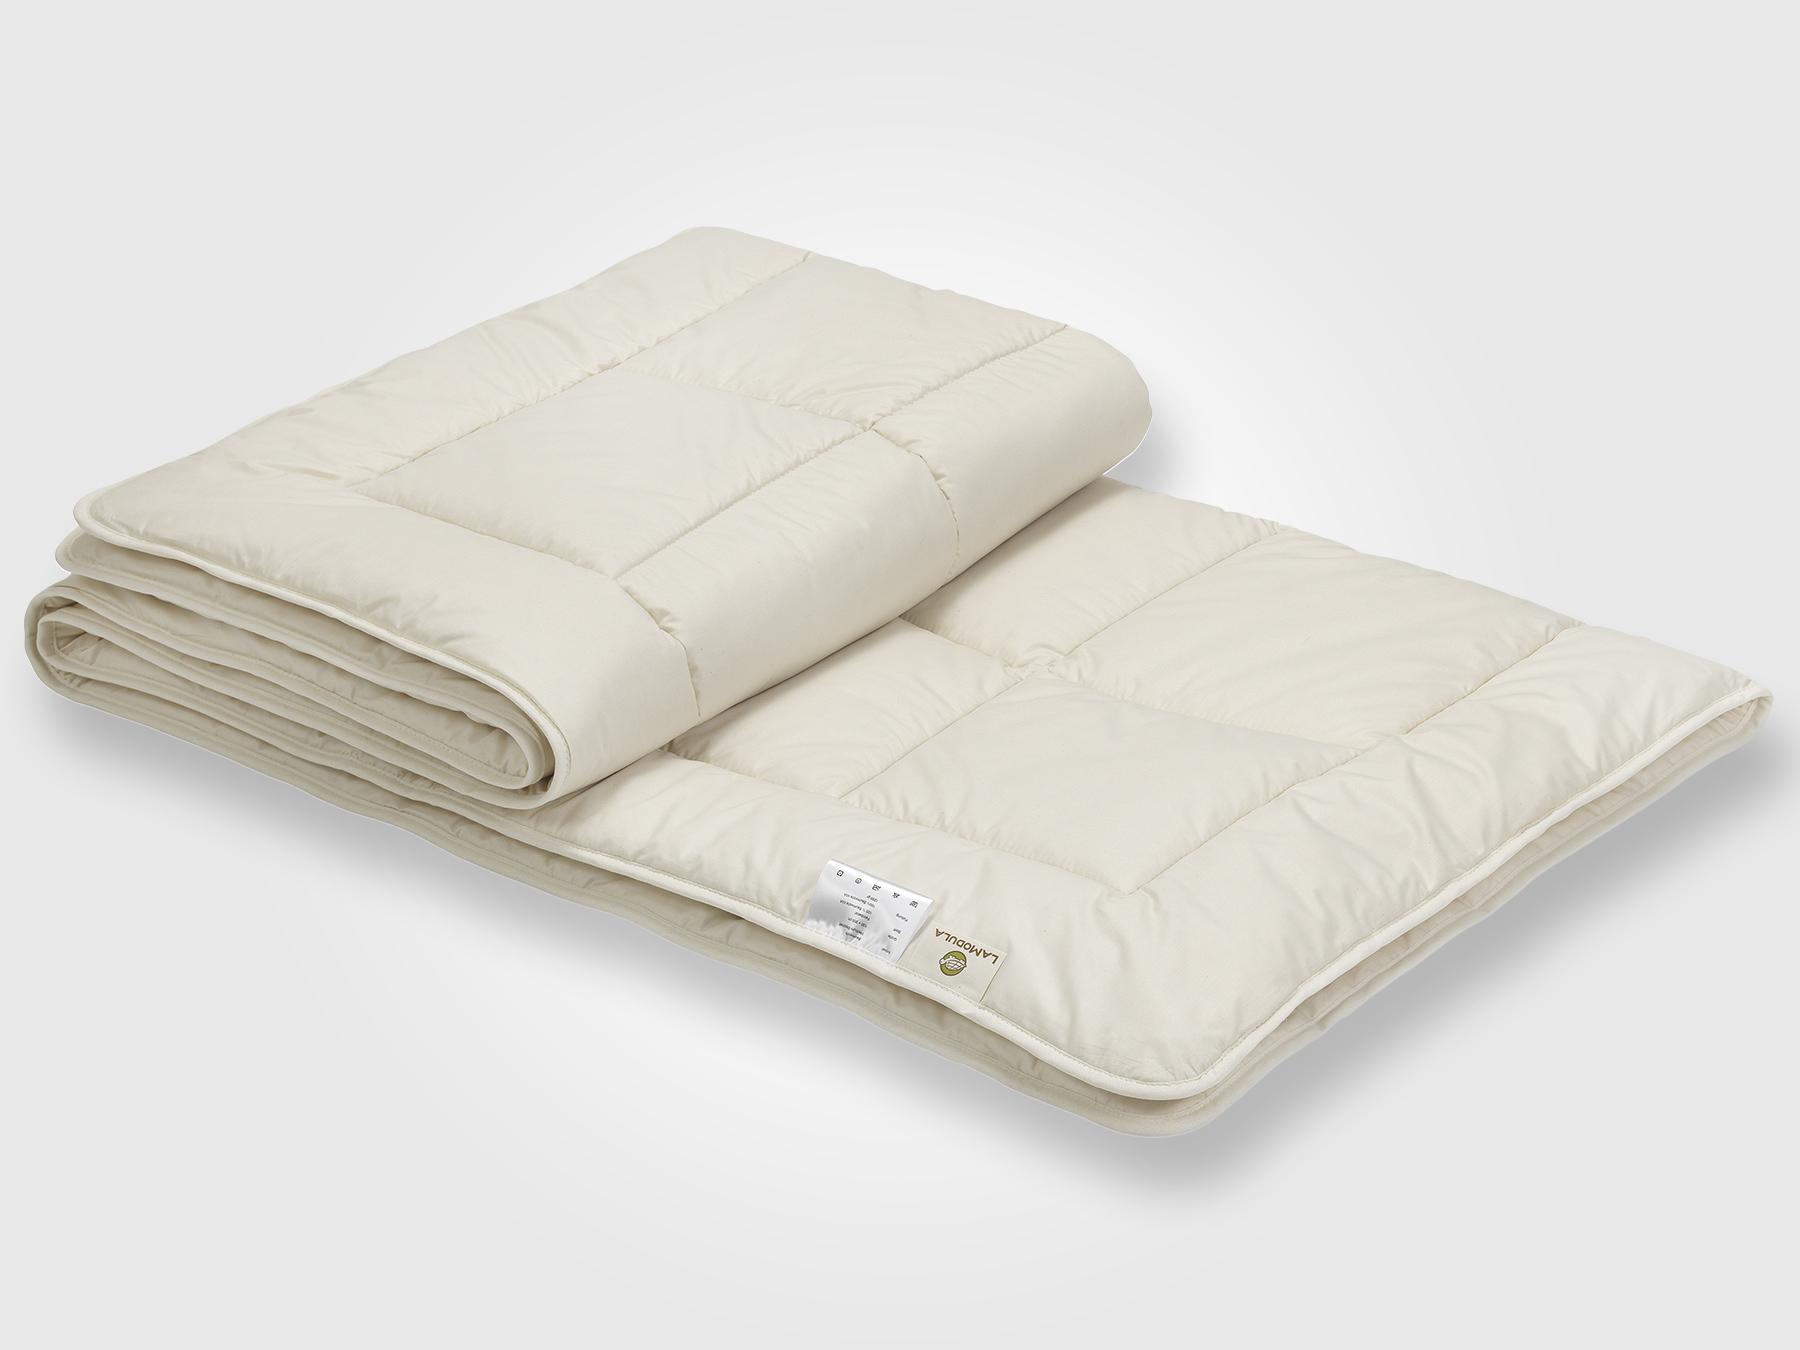 Wir verwenden handgepflückte Bio-Baumwolle für Füllung und Überzug.